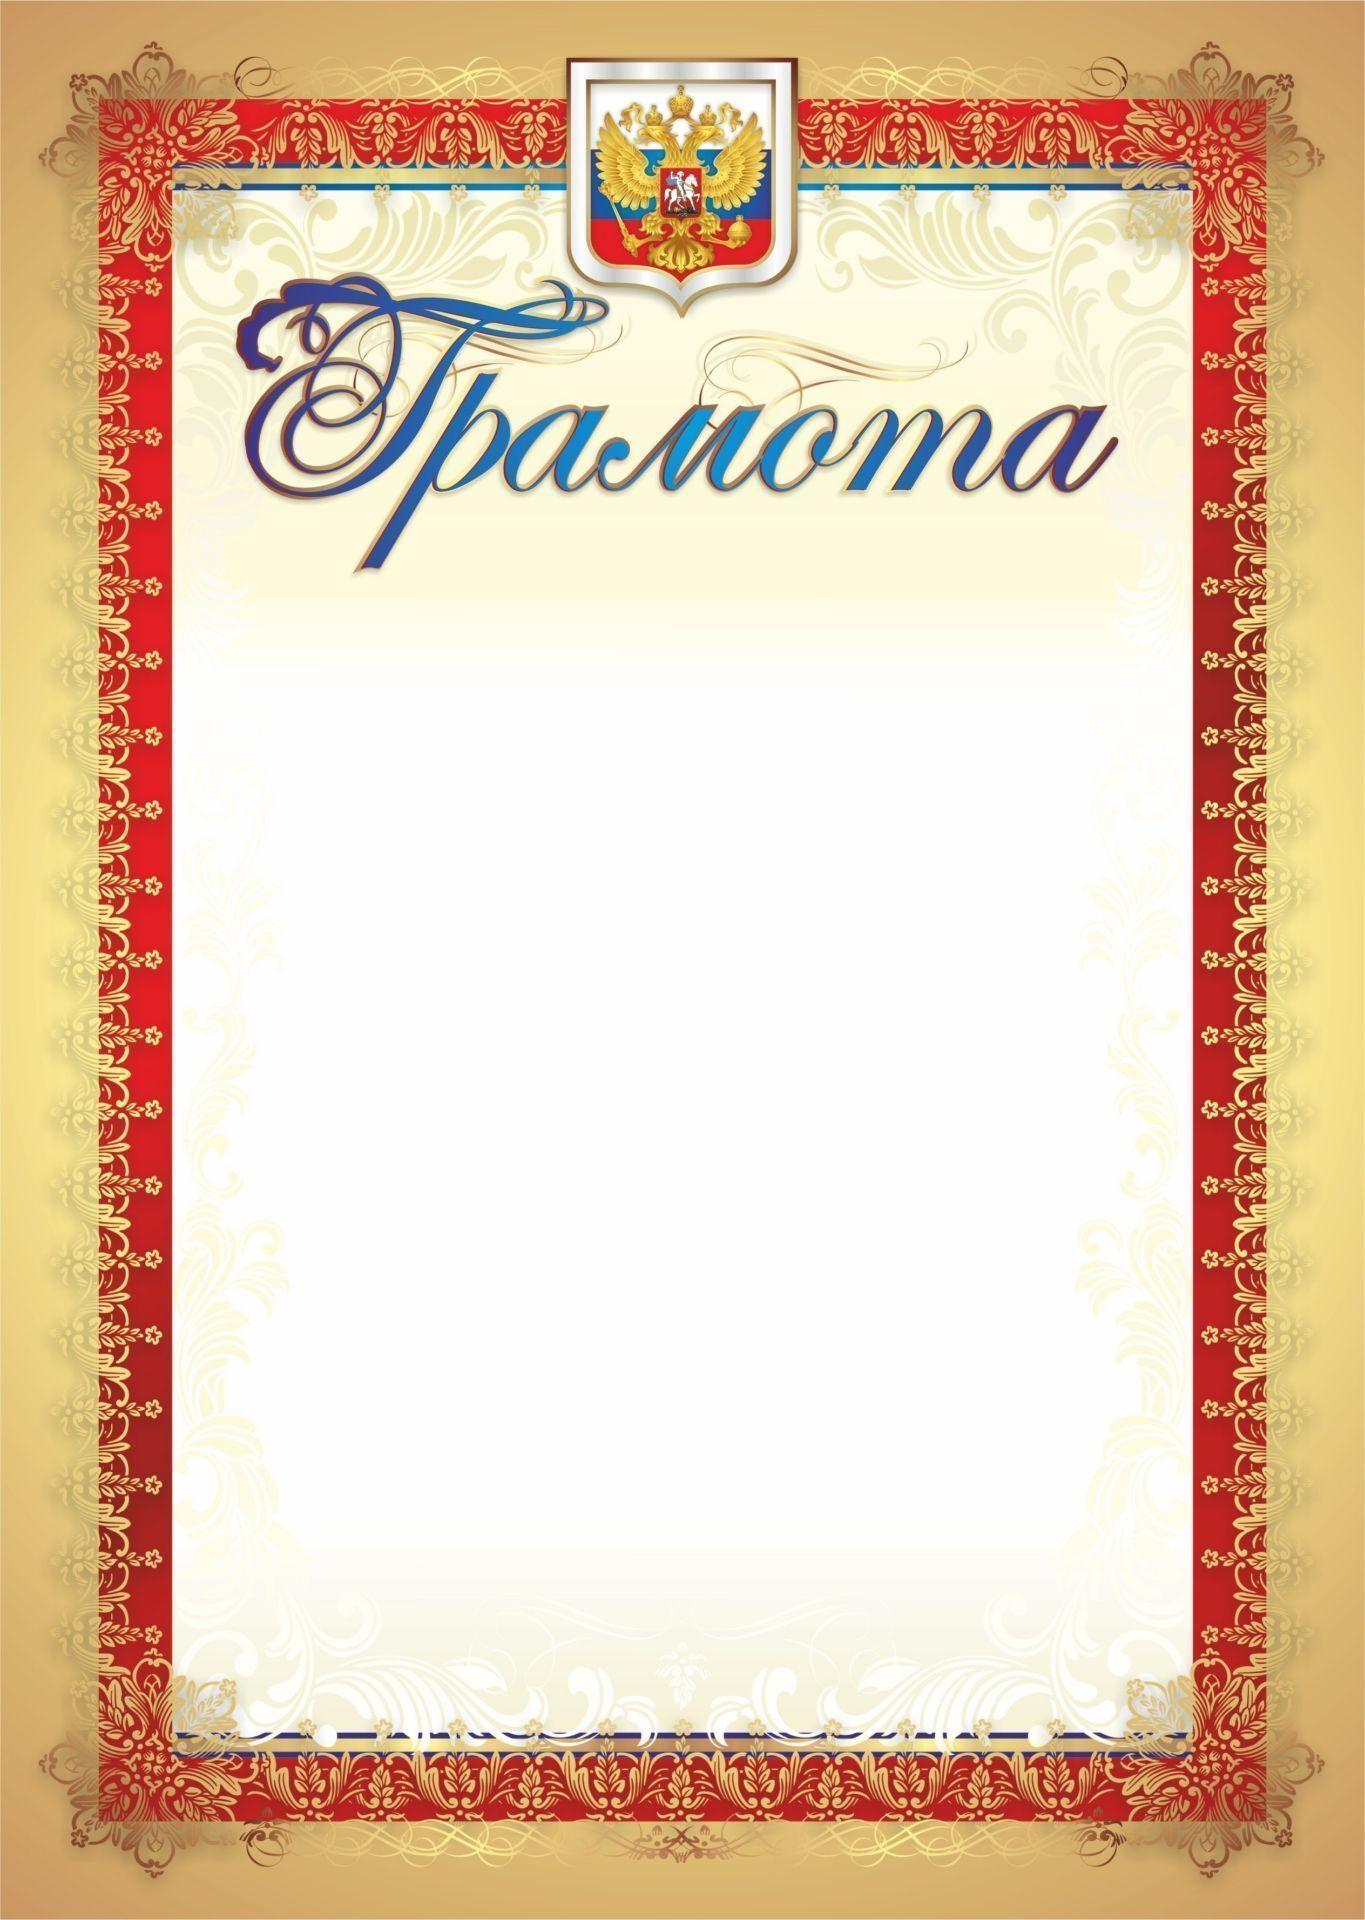 Грамота (с гербом и флагом, вертикальная): упаковка